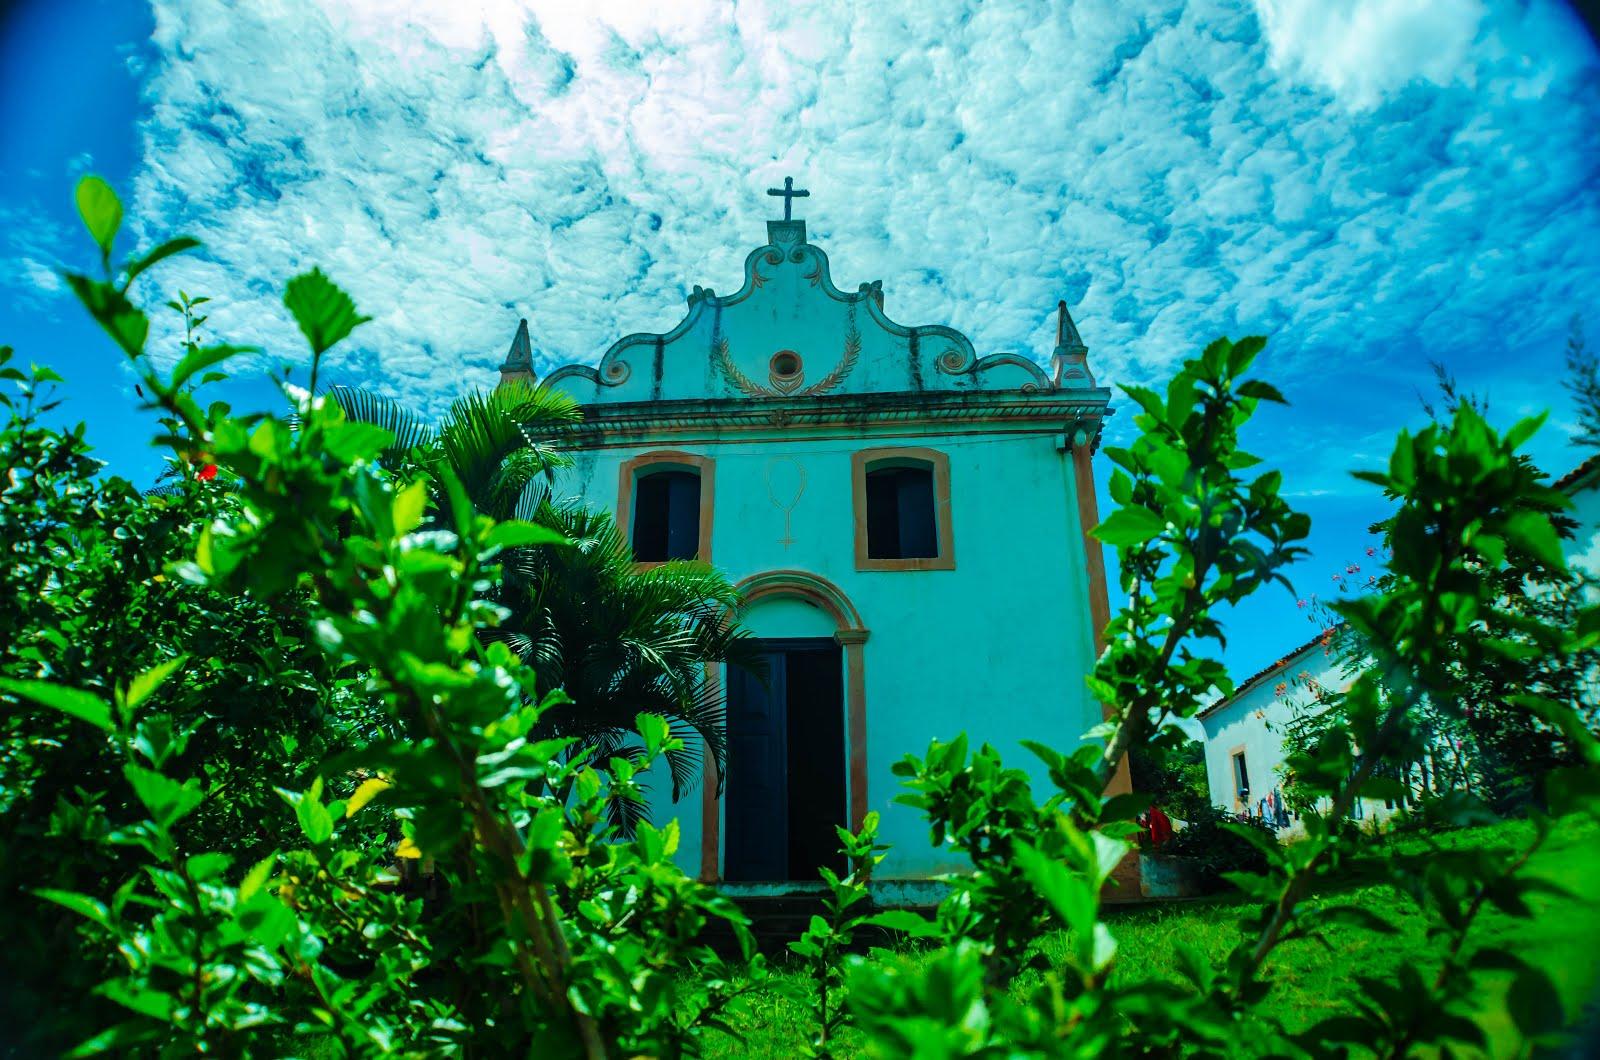 IGREJINHA DO ENGENHO DE CACHAÇA A COBIÇADA - SERRARIA, PB. FOTO DE GILMAR LEITE